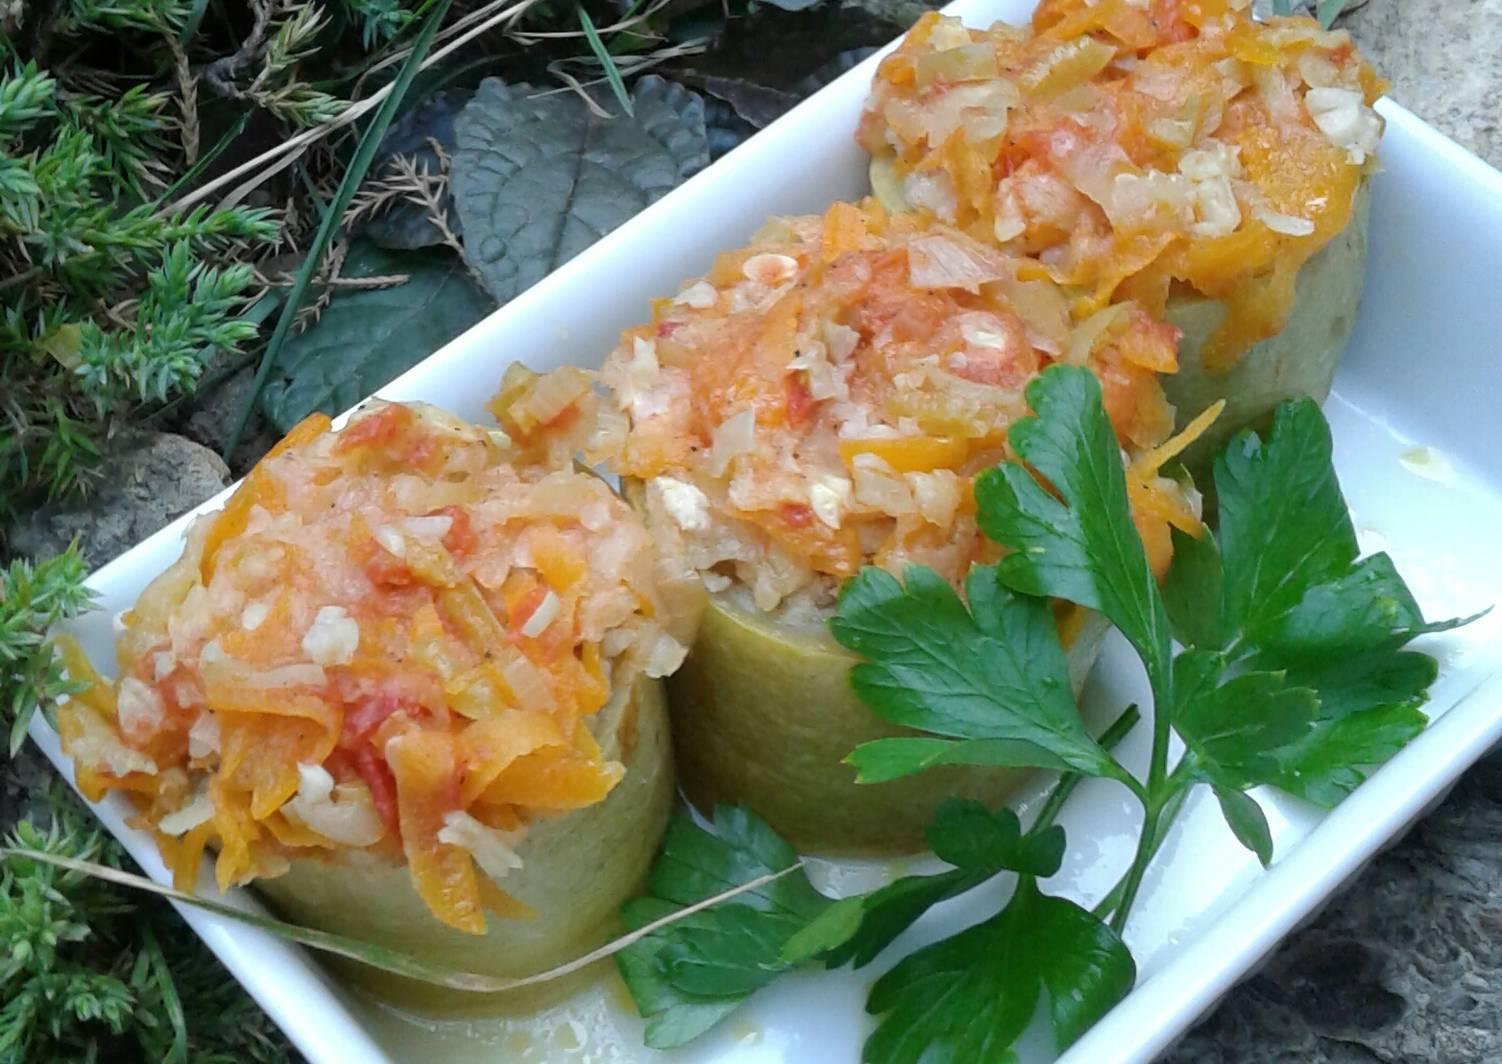 Кабачки запеченные в духовке: диетические рецепты, как приготовить быстро и вкусно, запечь без масла, простые варианты с чесноком | customs.news